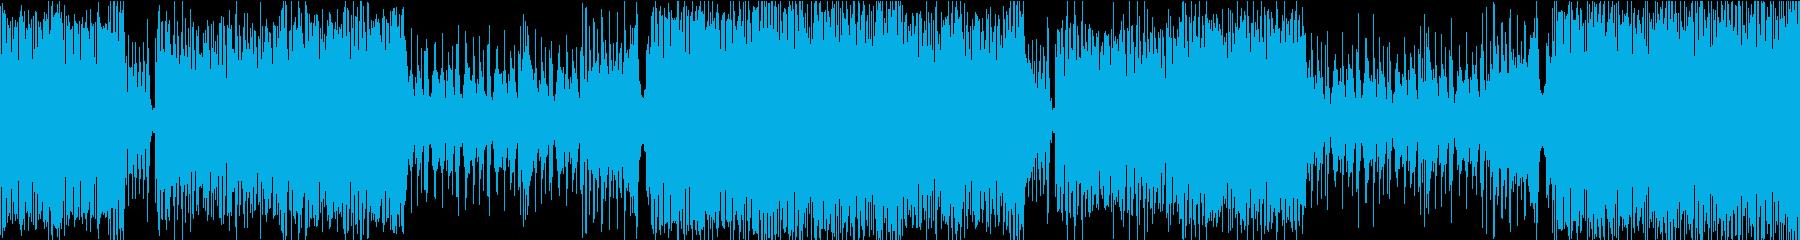 疾走感のある和風ゲームミュージックの再生済みの波形